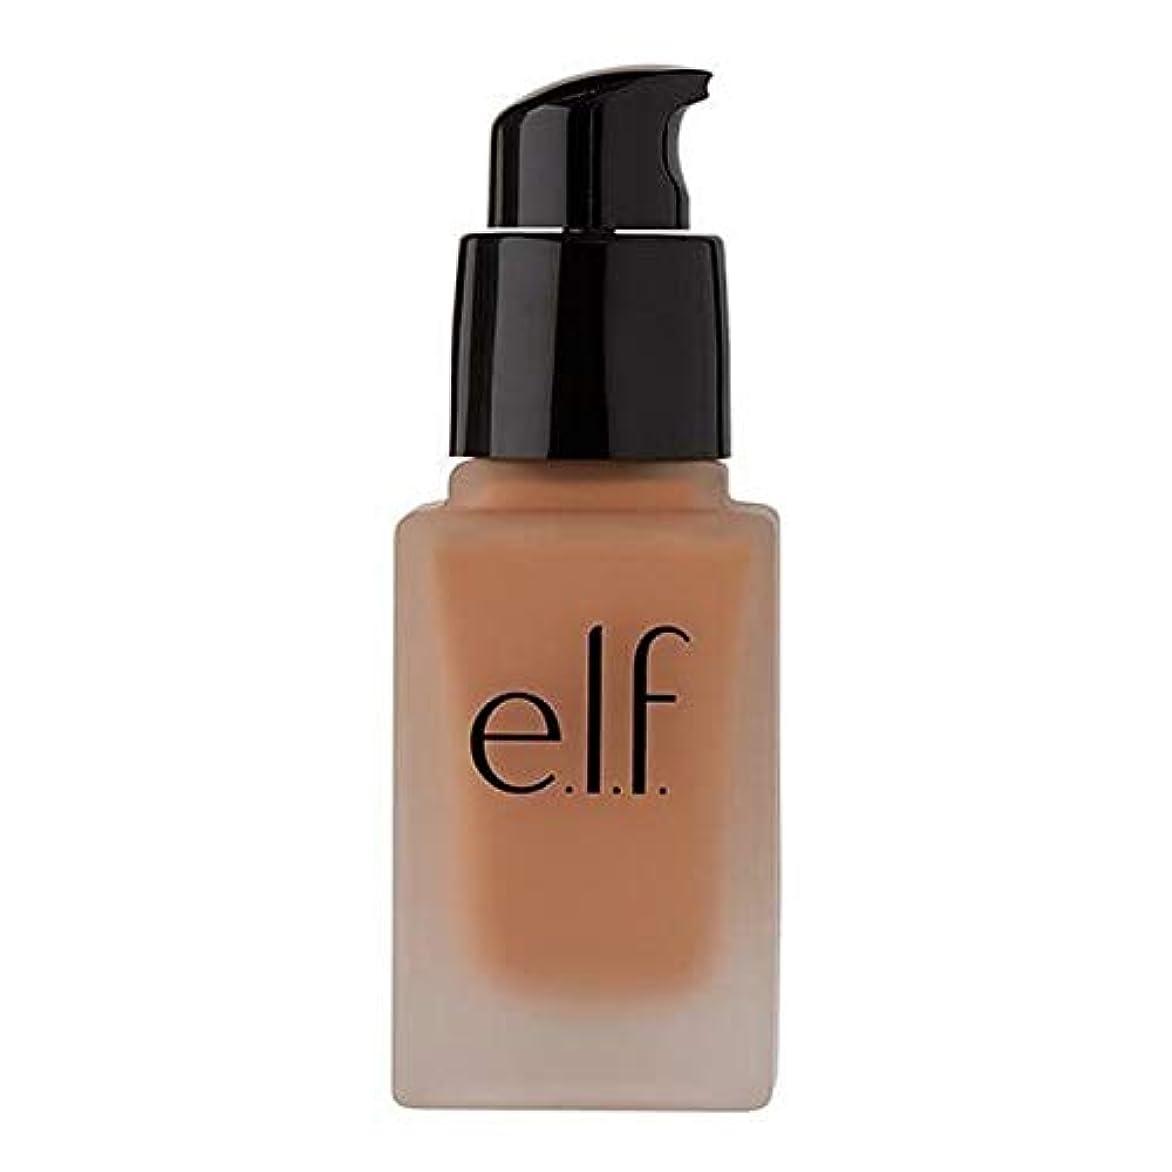 空中神経衰弱額[Elf ] エルフ。完璧な仕上がりのファンデーションSpf 15キャラメル - e.l.f. Flawless Finish Foundation SPF 15 Caramel [並行輸入品]